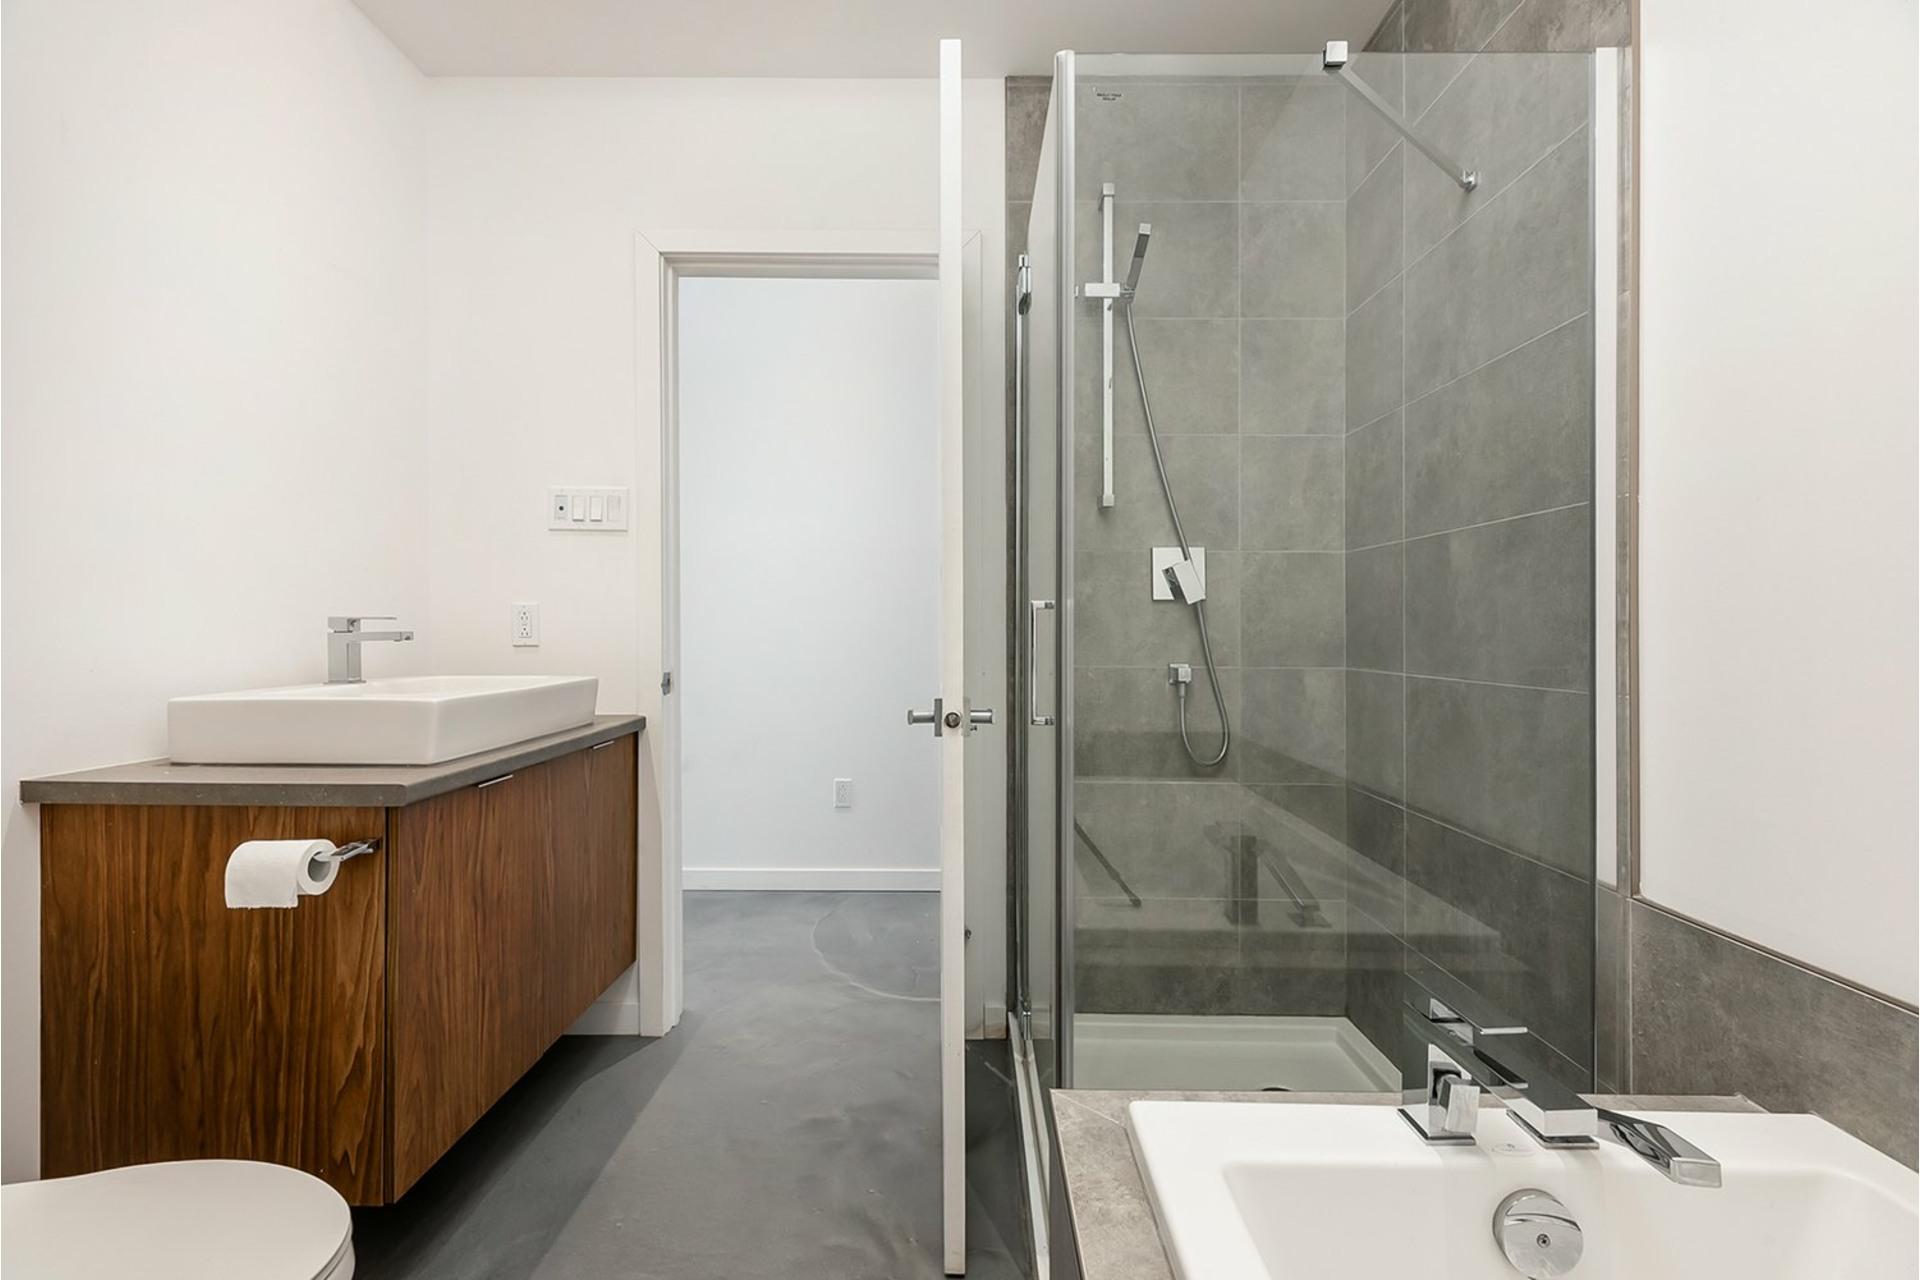 image 14 - Triplex For sale Mercier/Hochelaga-Maisonneuve Montréal  - 4 rooms